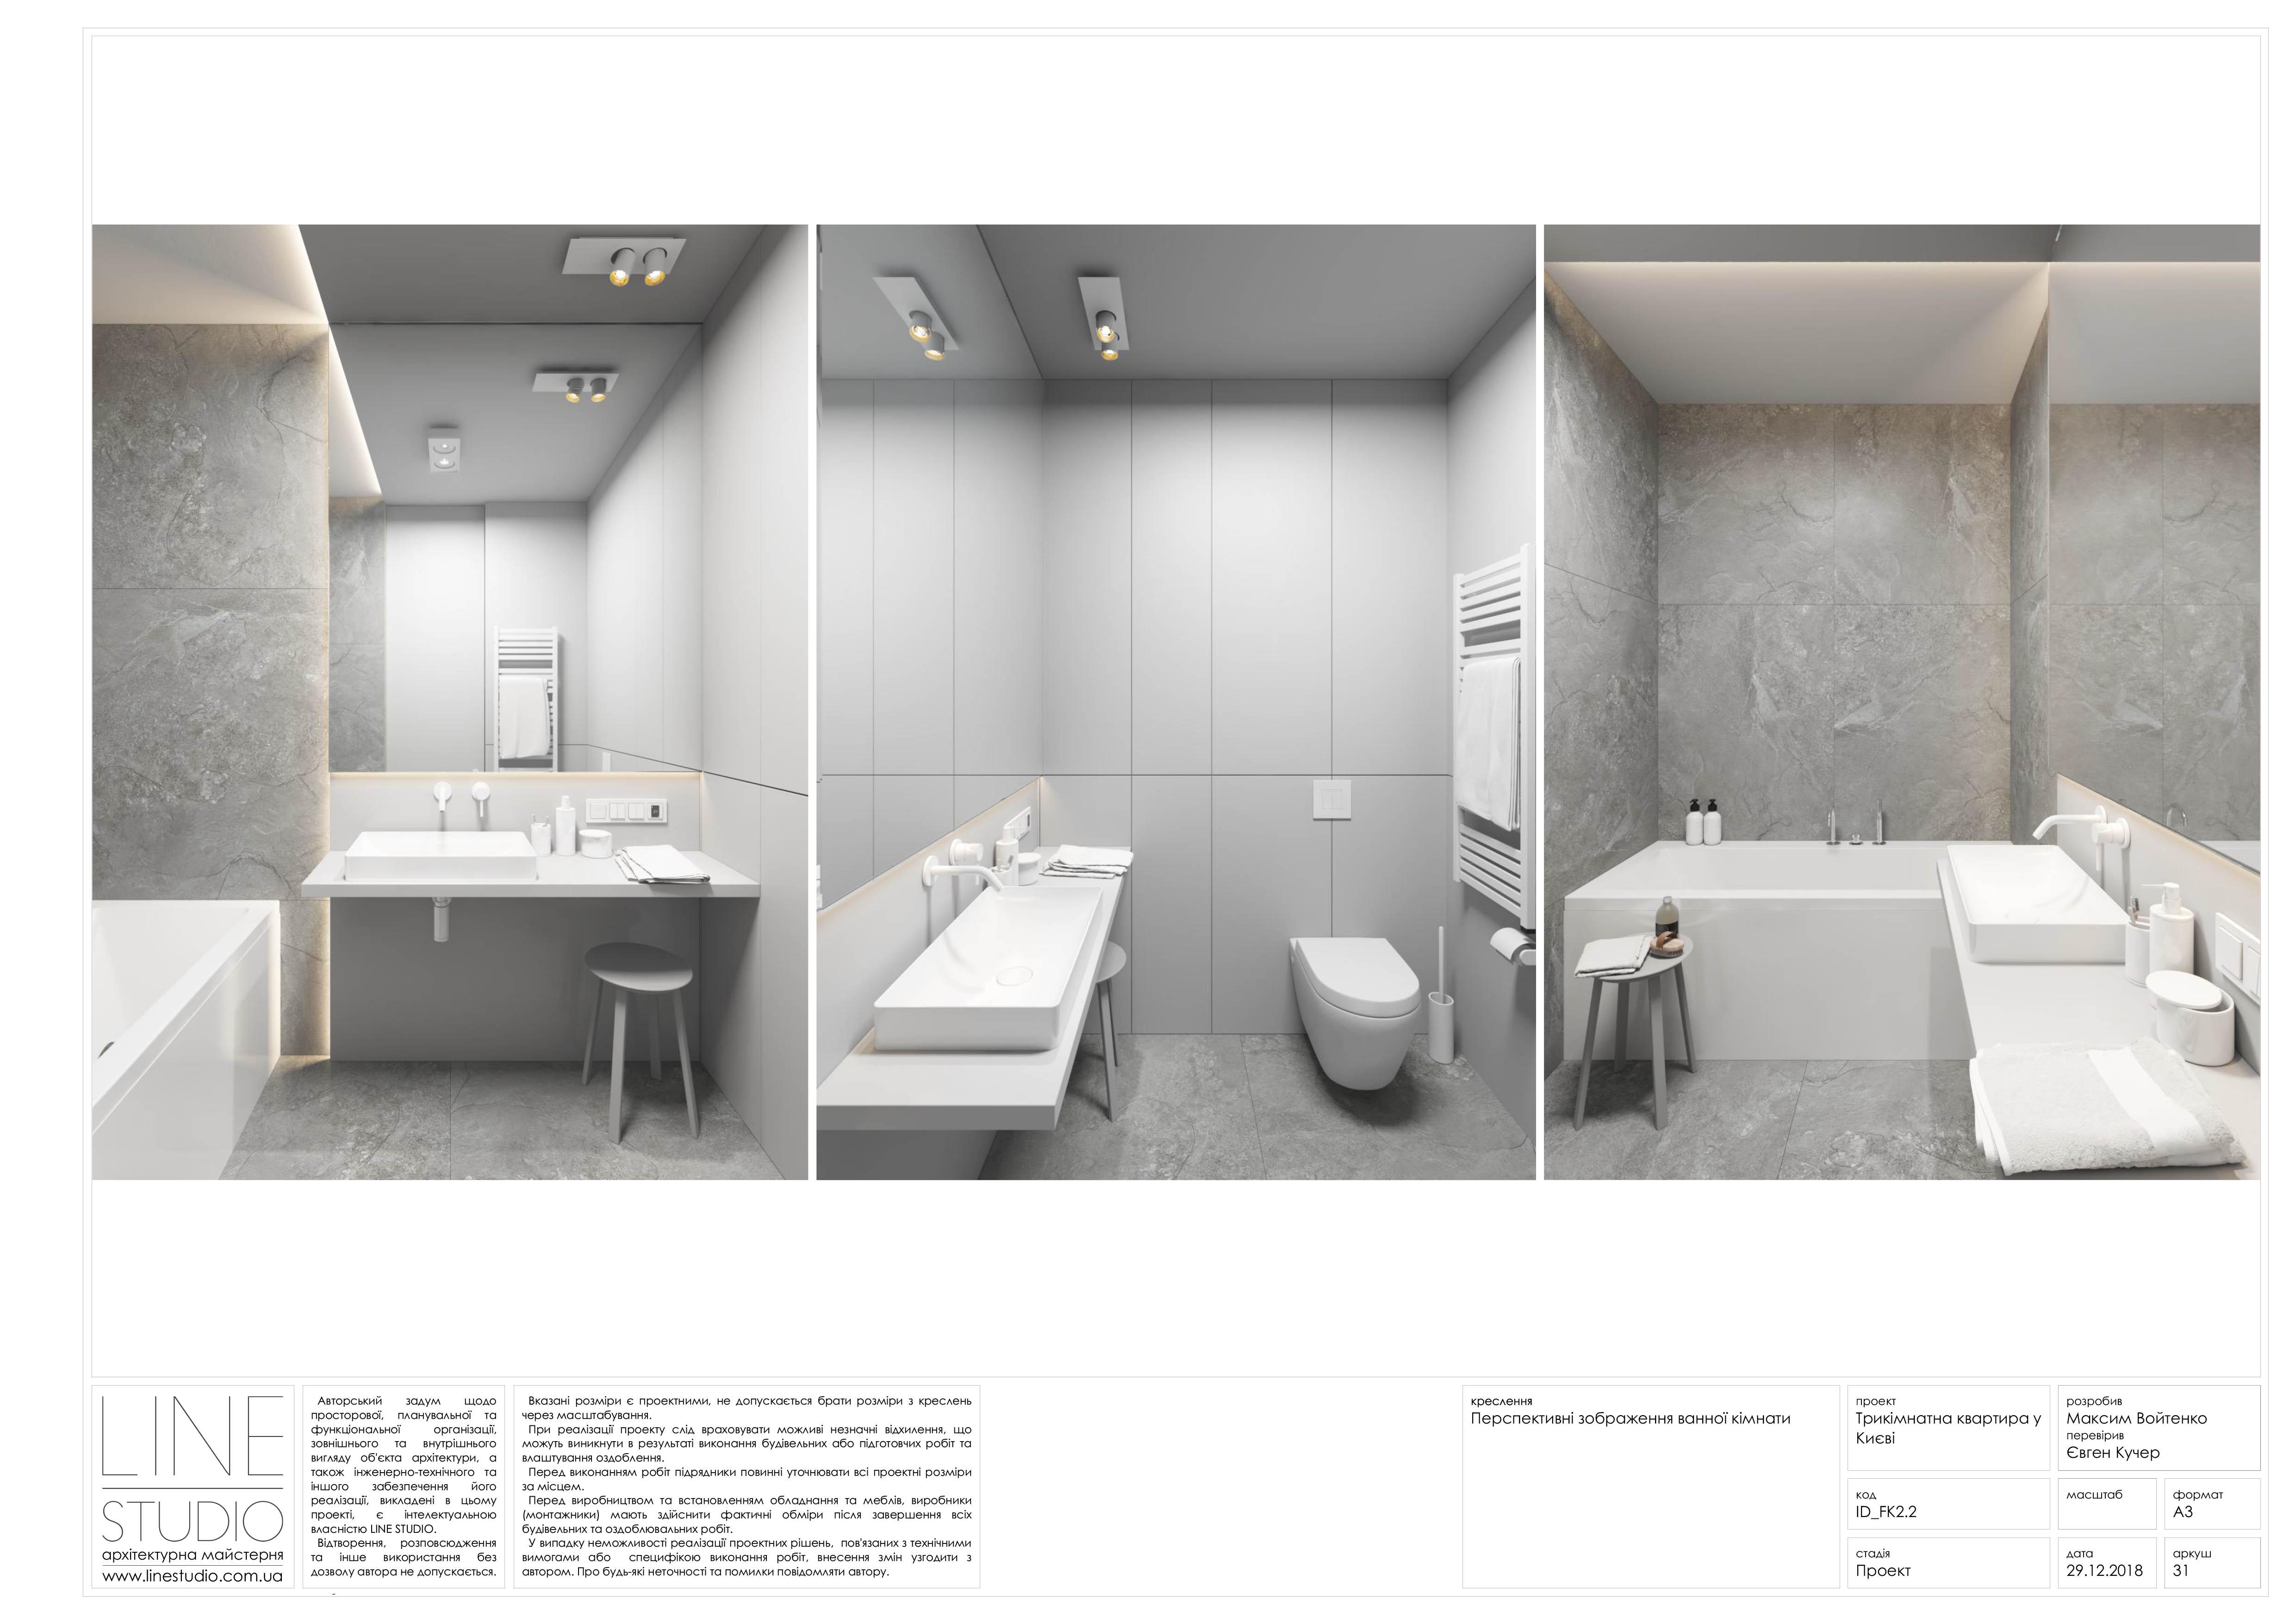 31_fk2.2_Перспективні зображення ванної кімнати